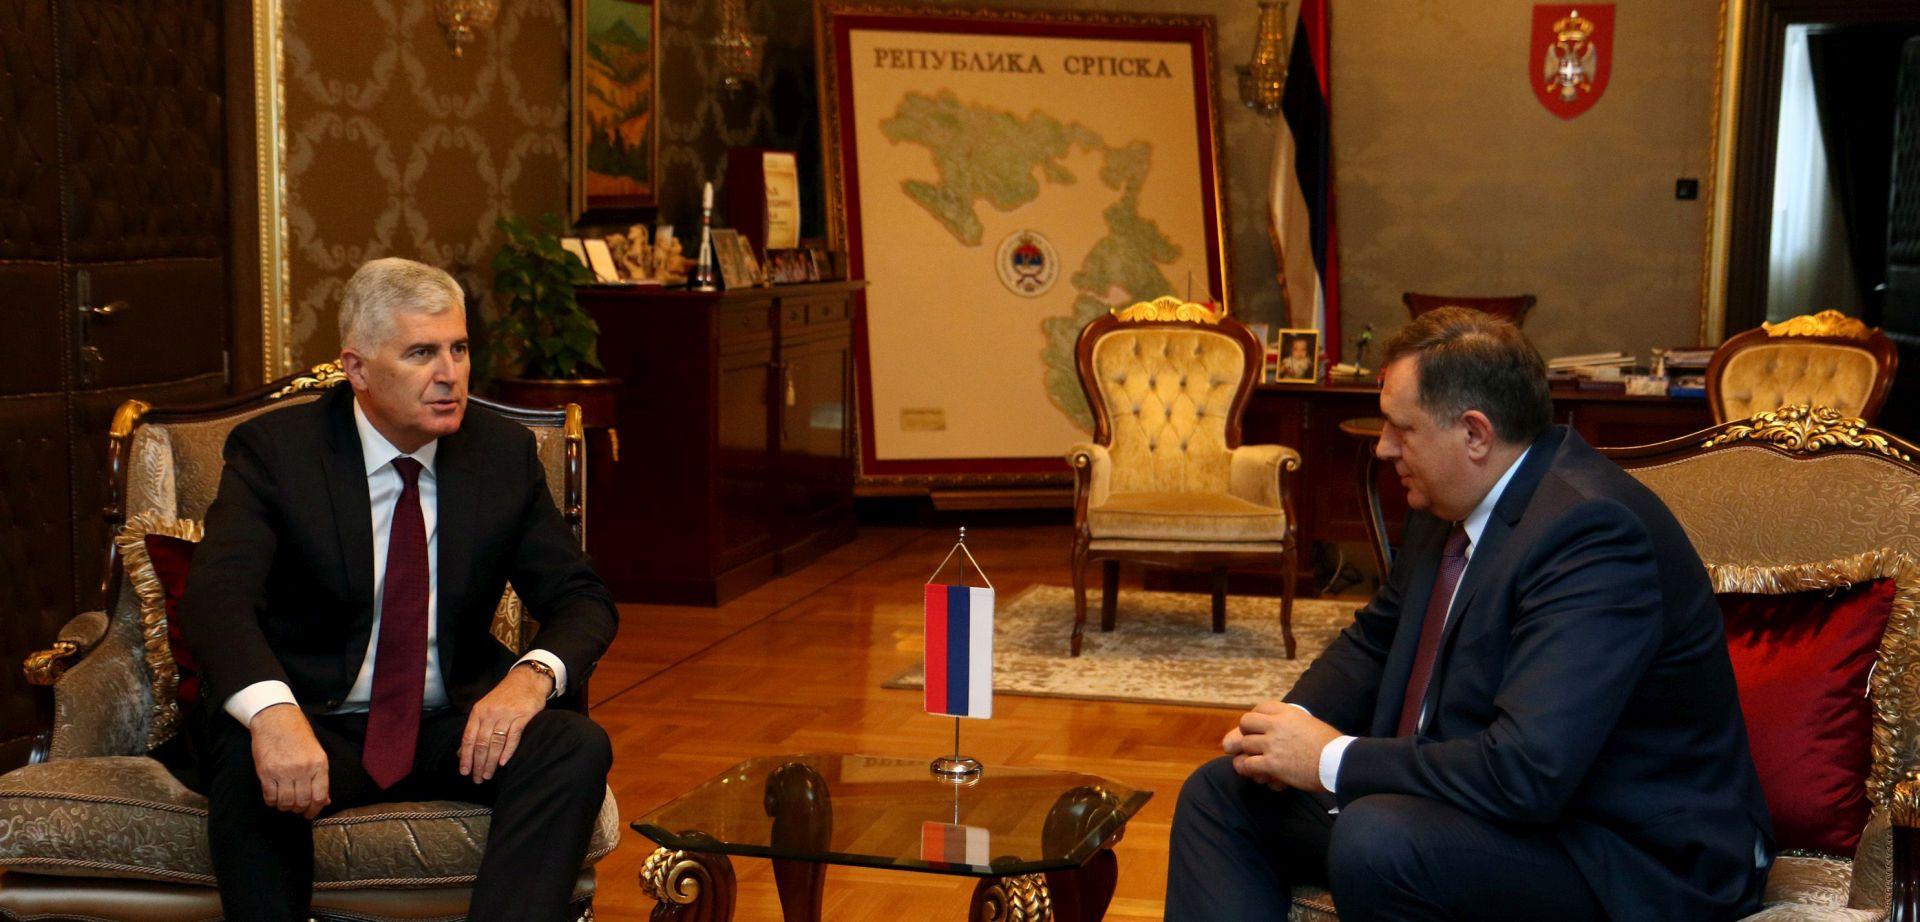 ČOVIĆ I DODIK: Presuda Oriću dodatno će zakomplicirati odnose u BiH